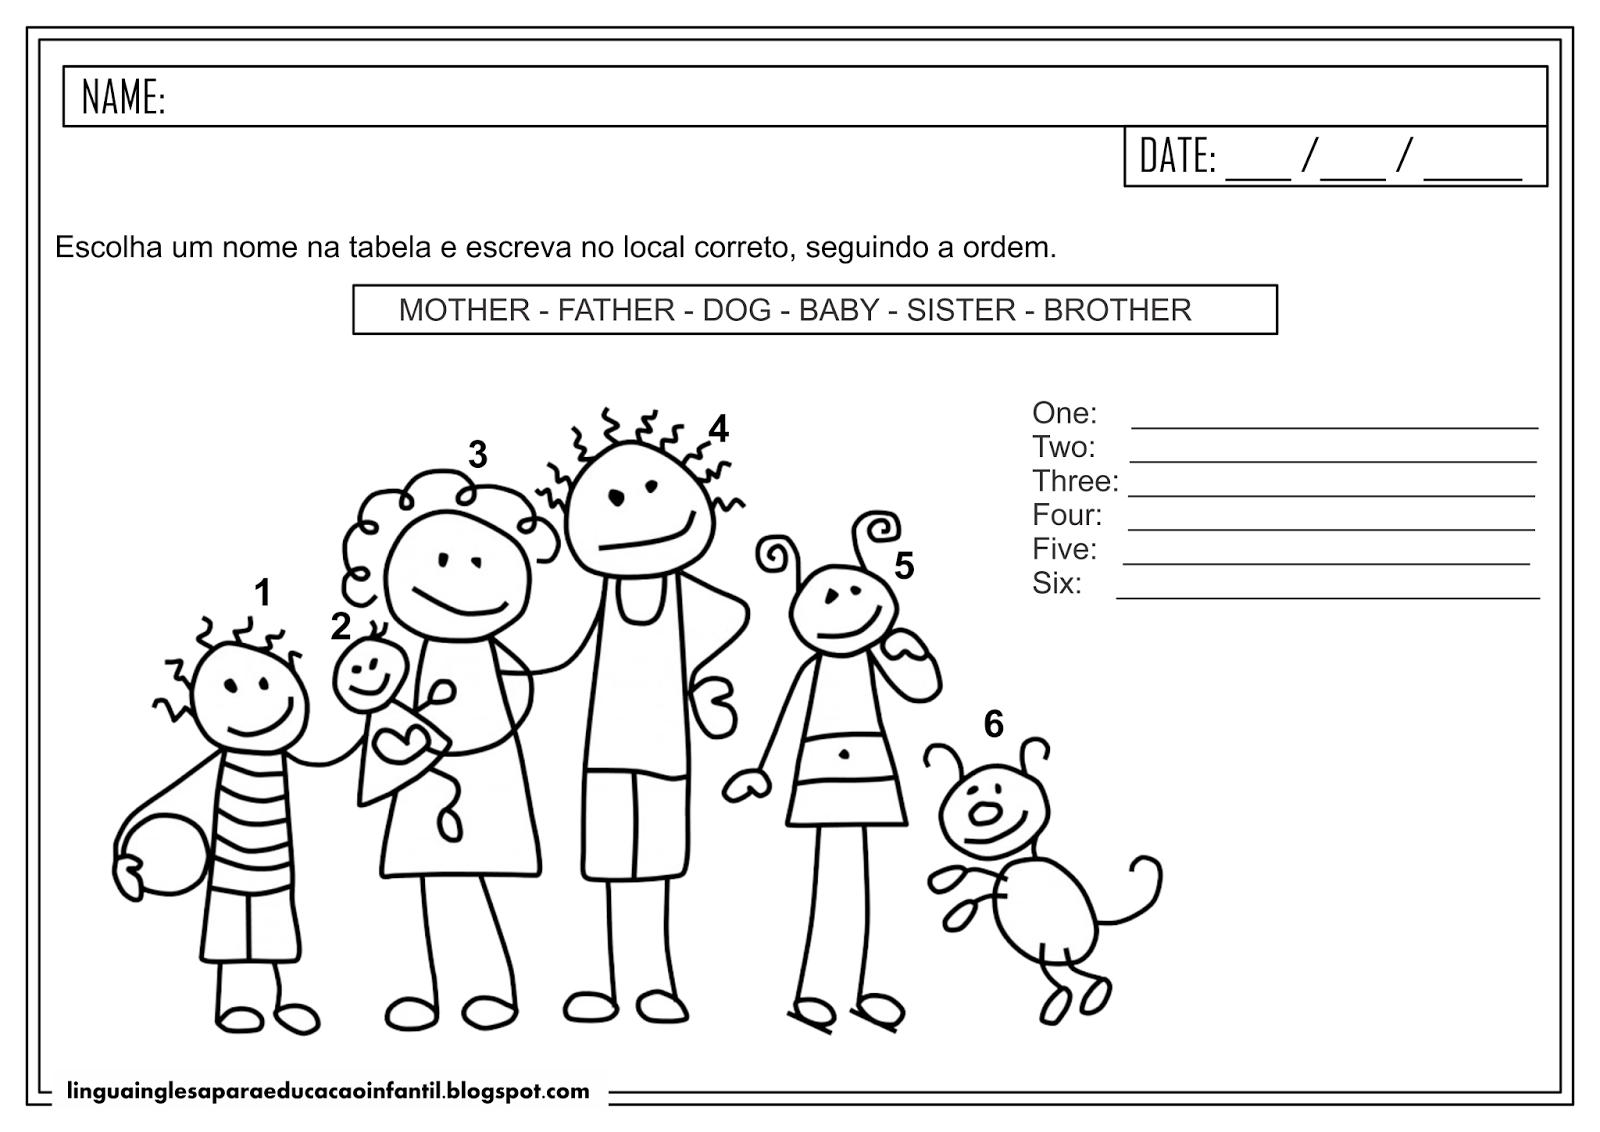 Atividade em inglês - Vocabulário familiar para educação infantil